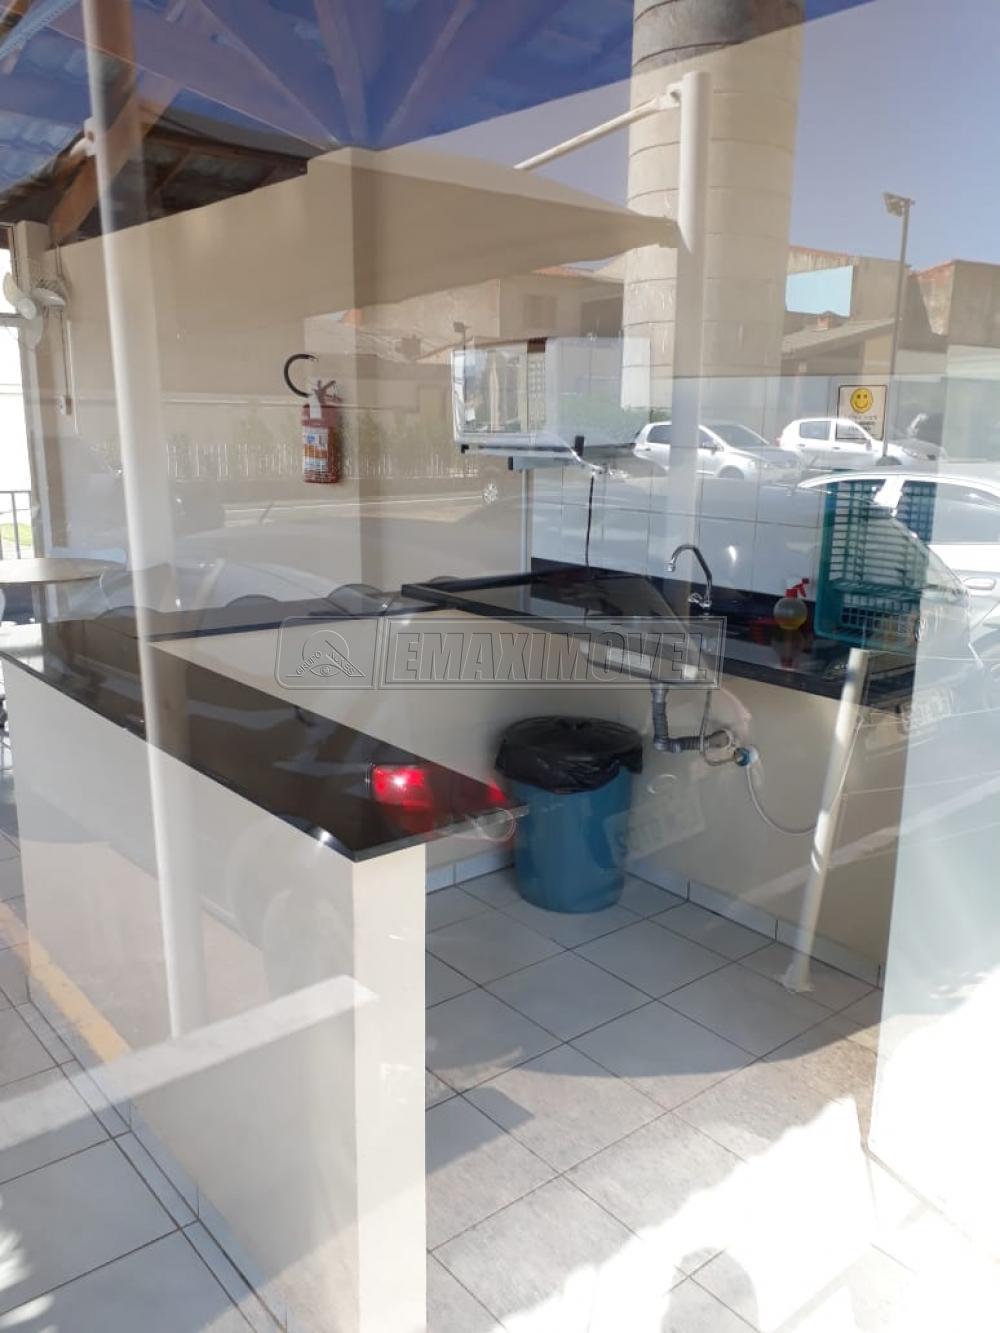 Comprar Apartamentos / Apto Padrão em Sorocaba apenas R$ 130.000,00 - Foto 16